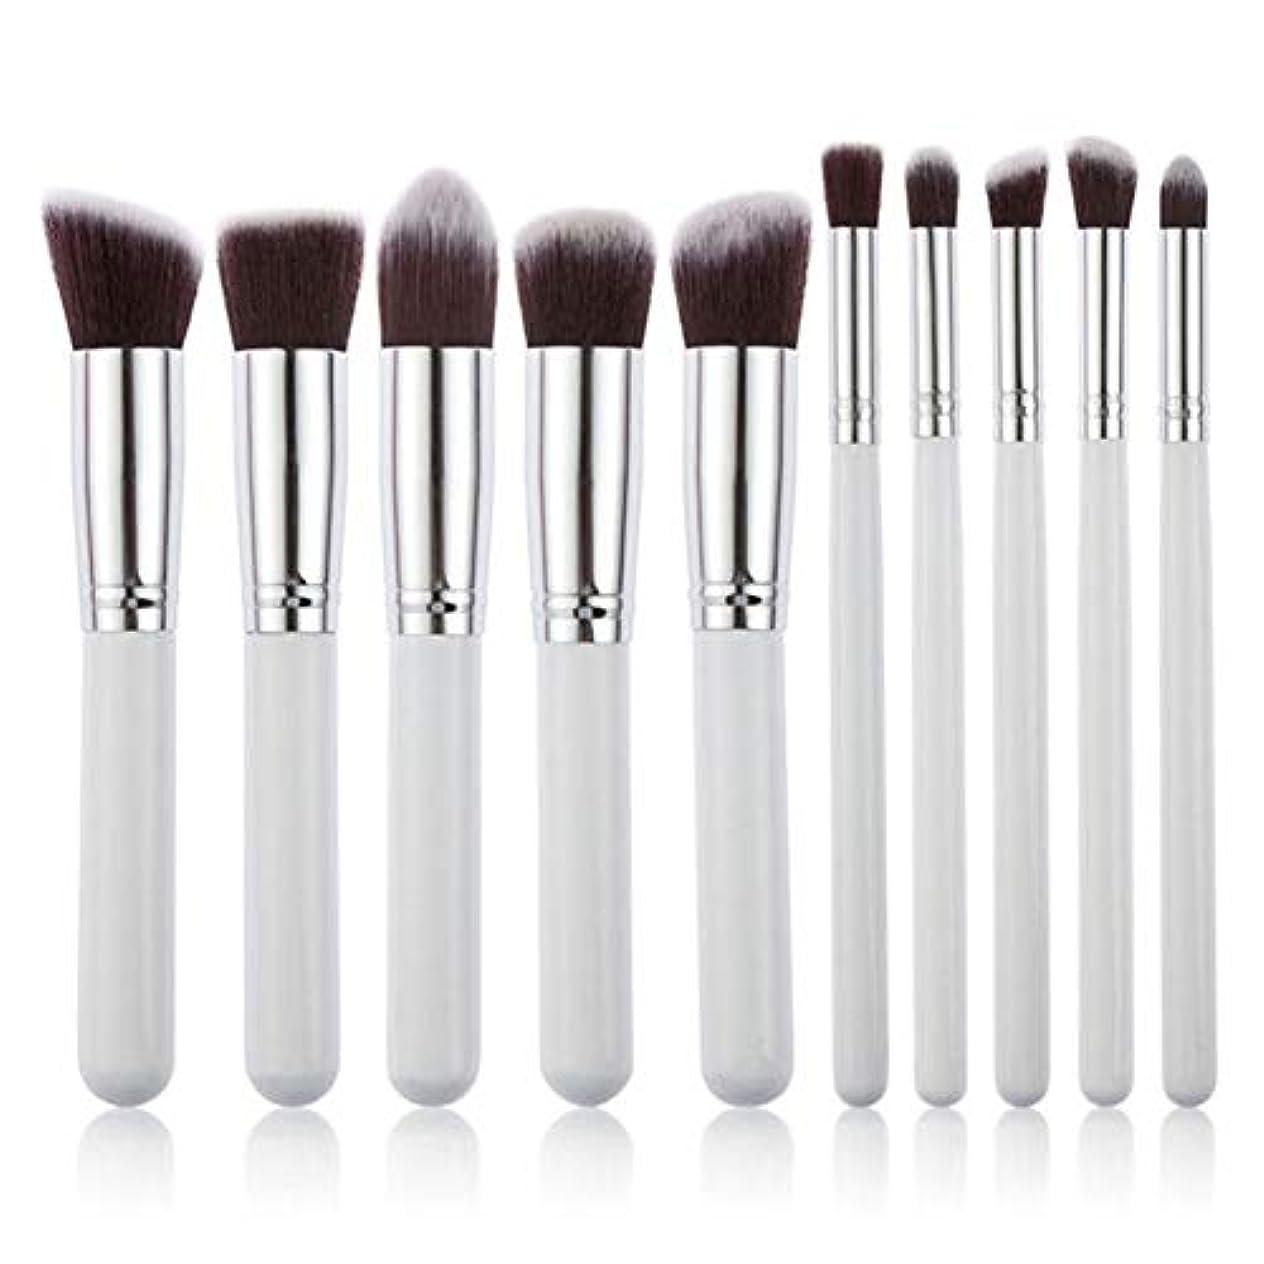 章殺します重要性Makeup brushes 10ピースWhiteMakeupブラシセットモダンスラックパウダーブラシアイシャドウブラシコンターブラシ suits (Color : White Silver)